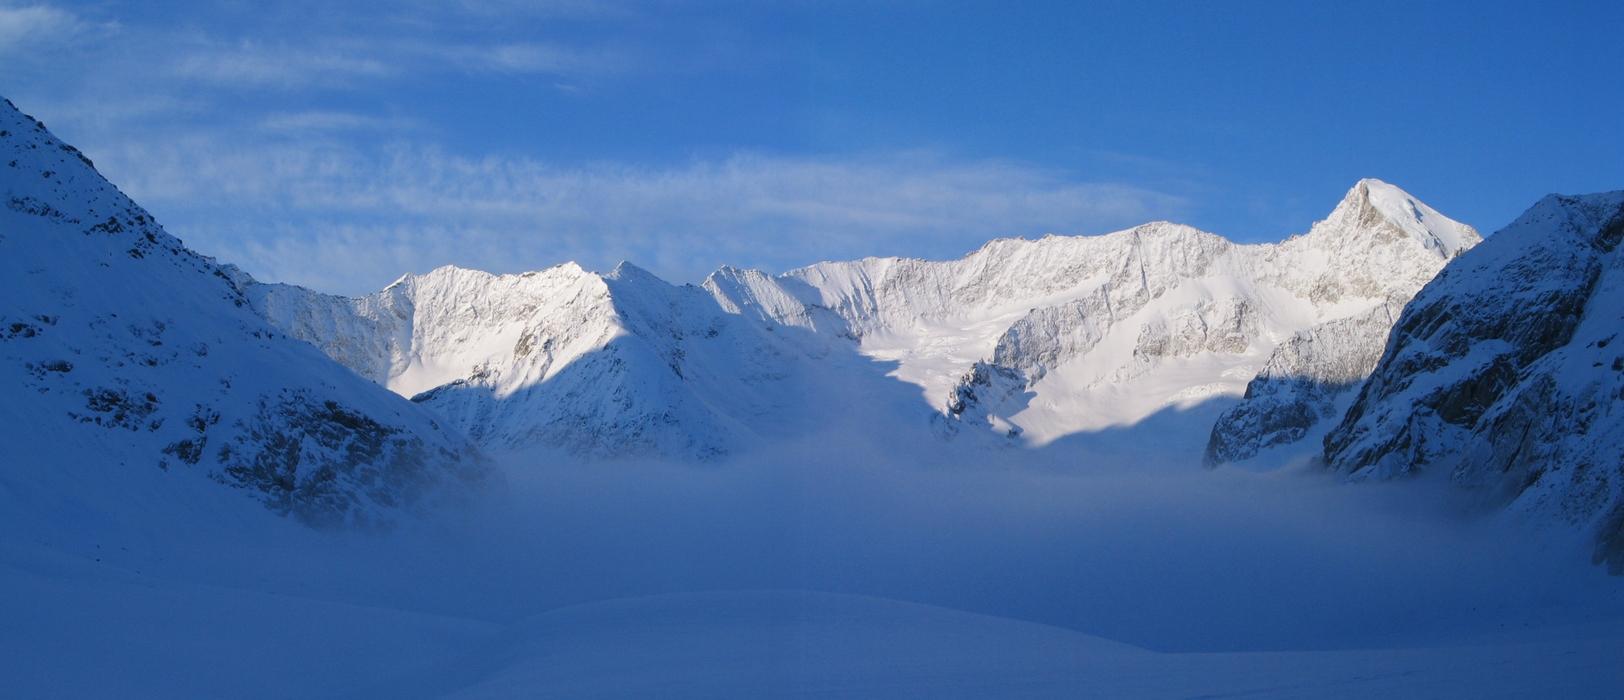 Grosser Aletschhorn Berner Alpen / Alpes bernoises Schweiz panorama 06